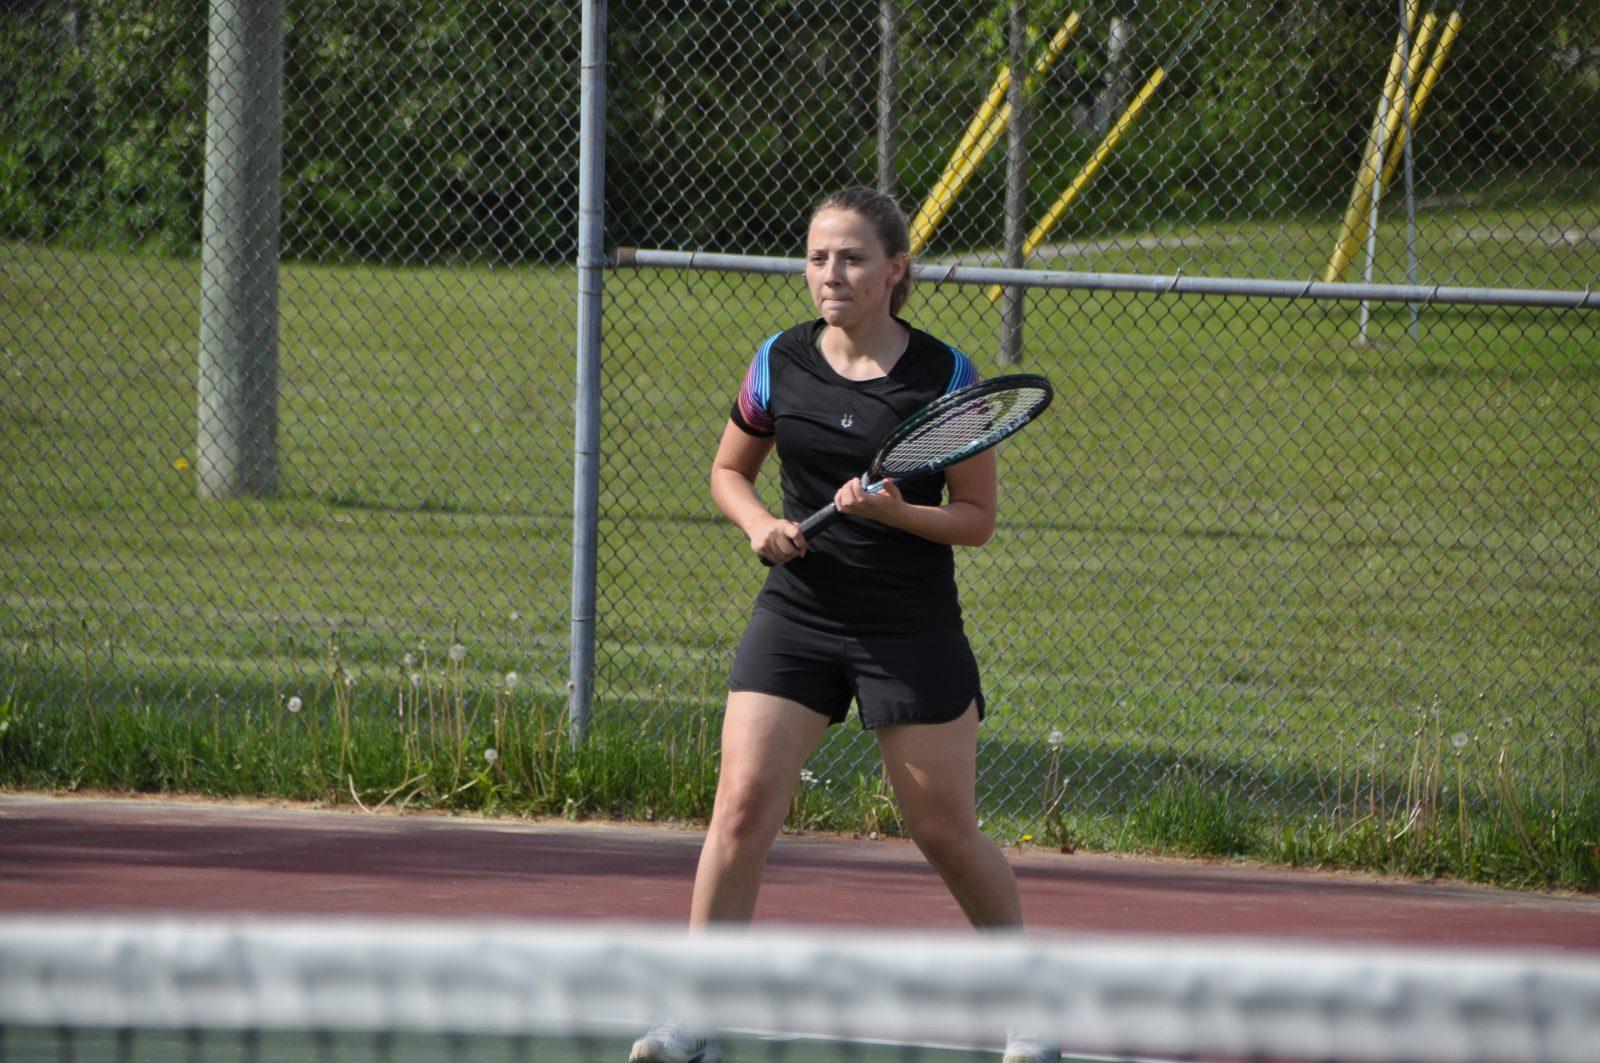 Le tennis est en progression à Alma